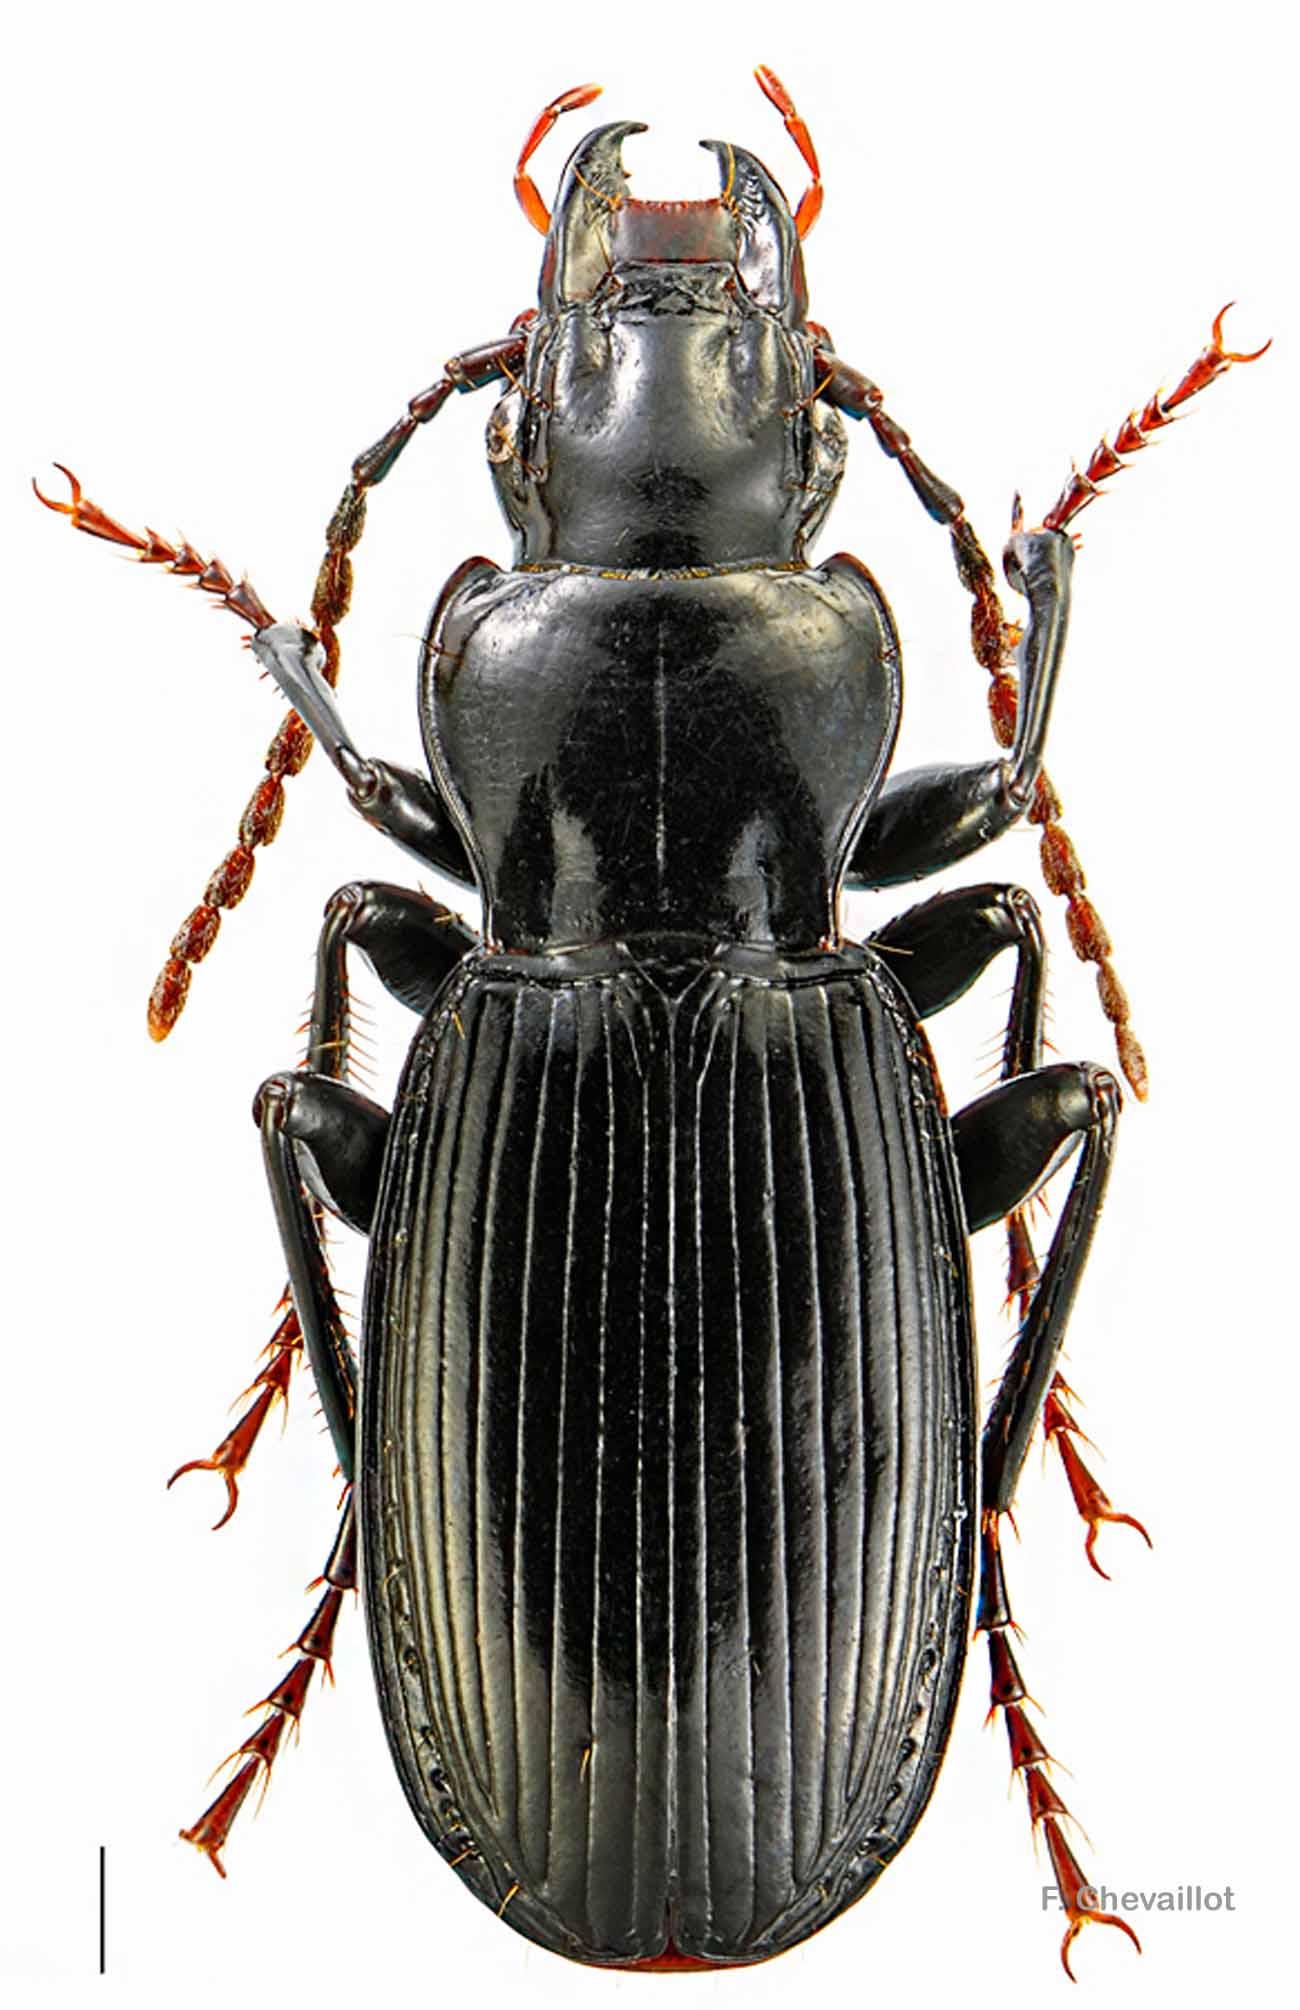 Pterostichus ambiguus